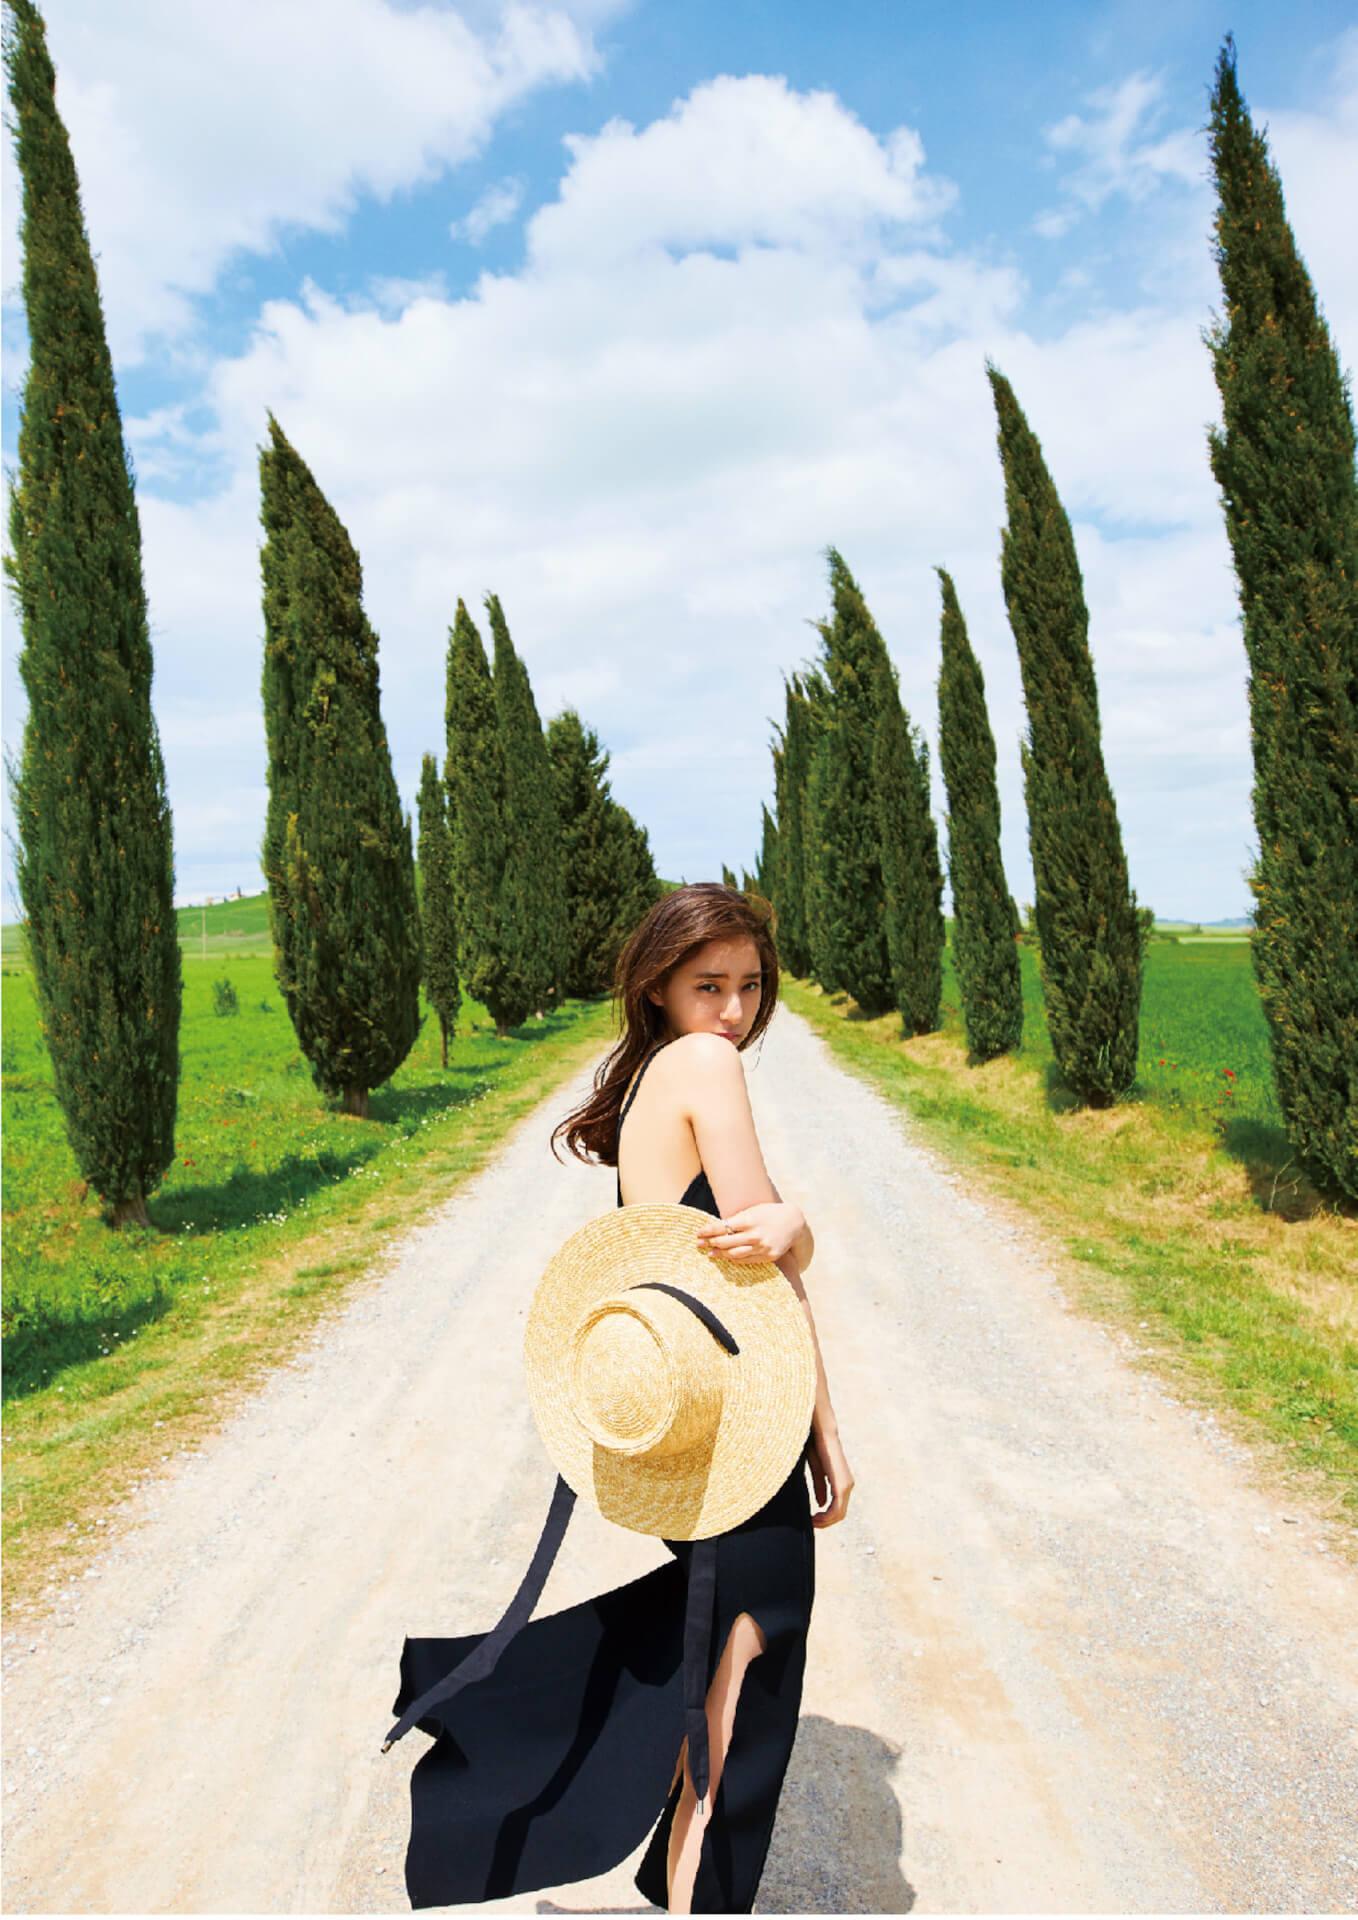 新木優子、2nd写真集『honey』で魅せた美しすぎる艶姿に注目|表紙イメージ&収録カット解禁 art190917_arakiyuko_3